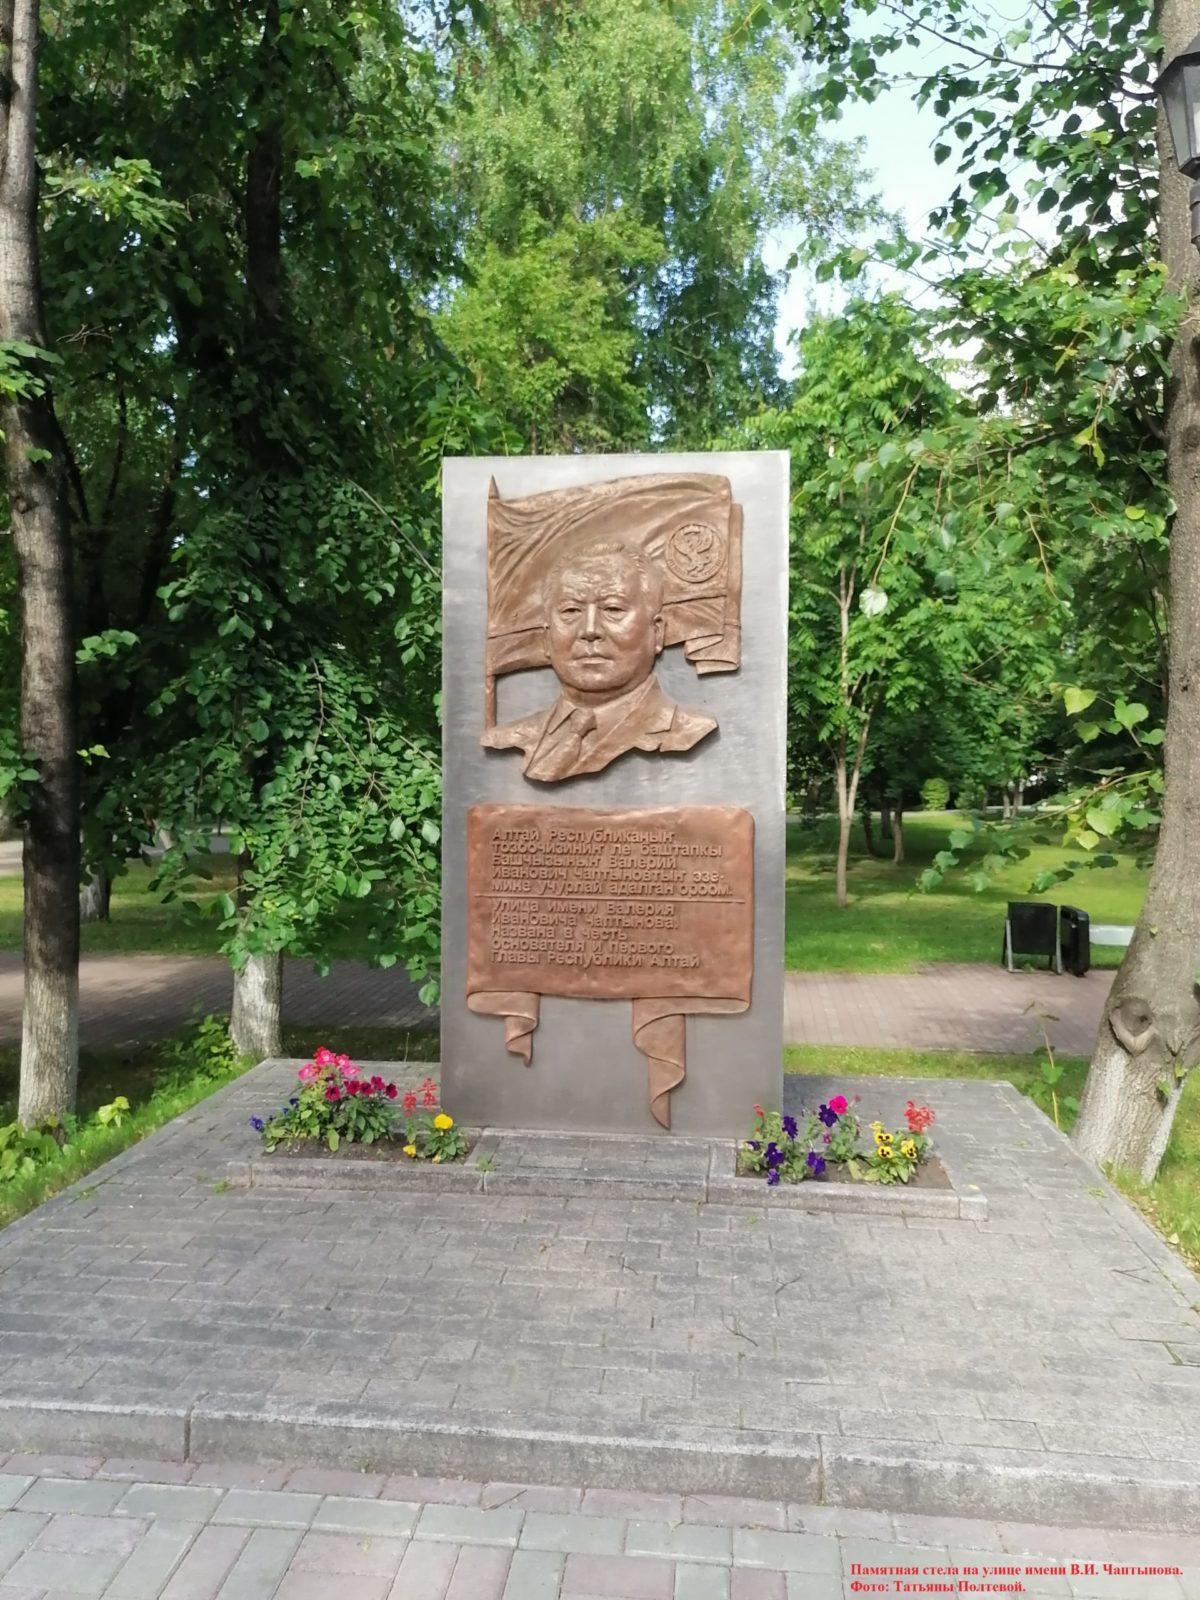 Памятная стела на улице имени В.И. Чаптынова.